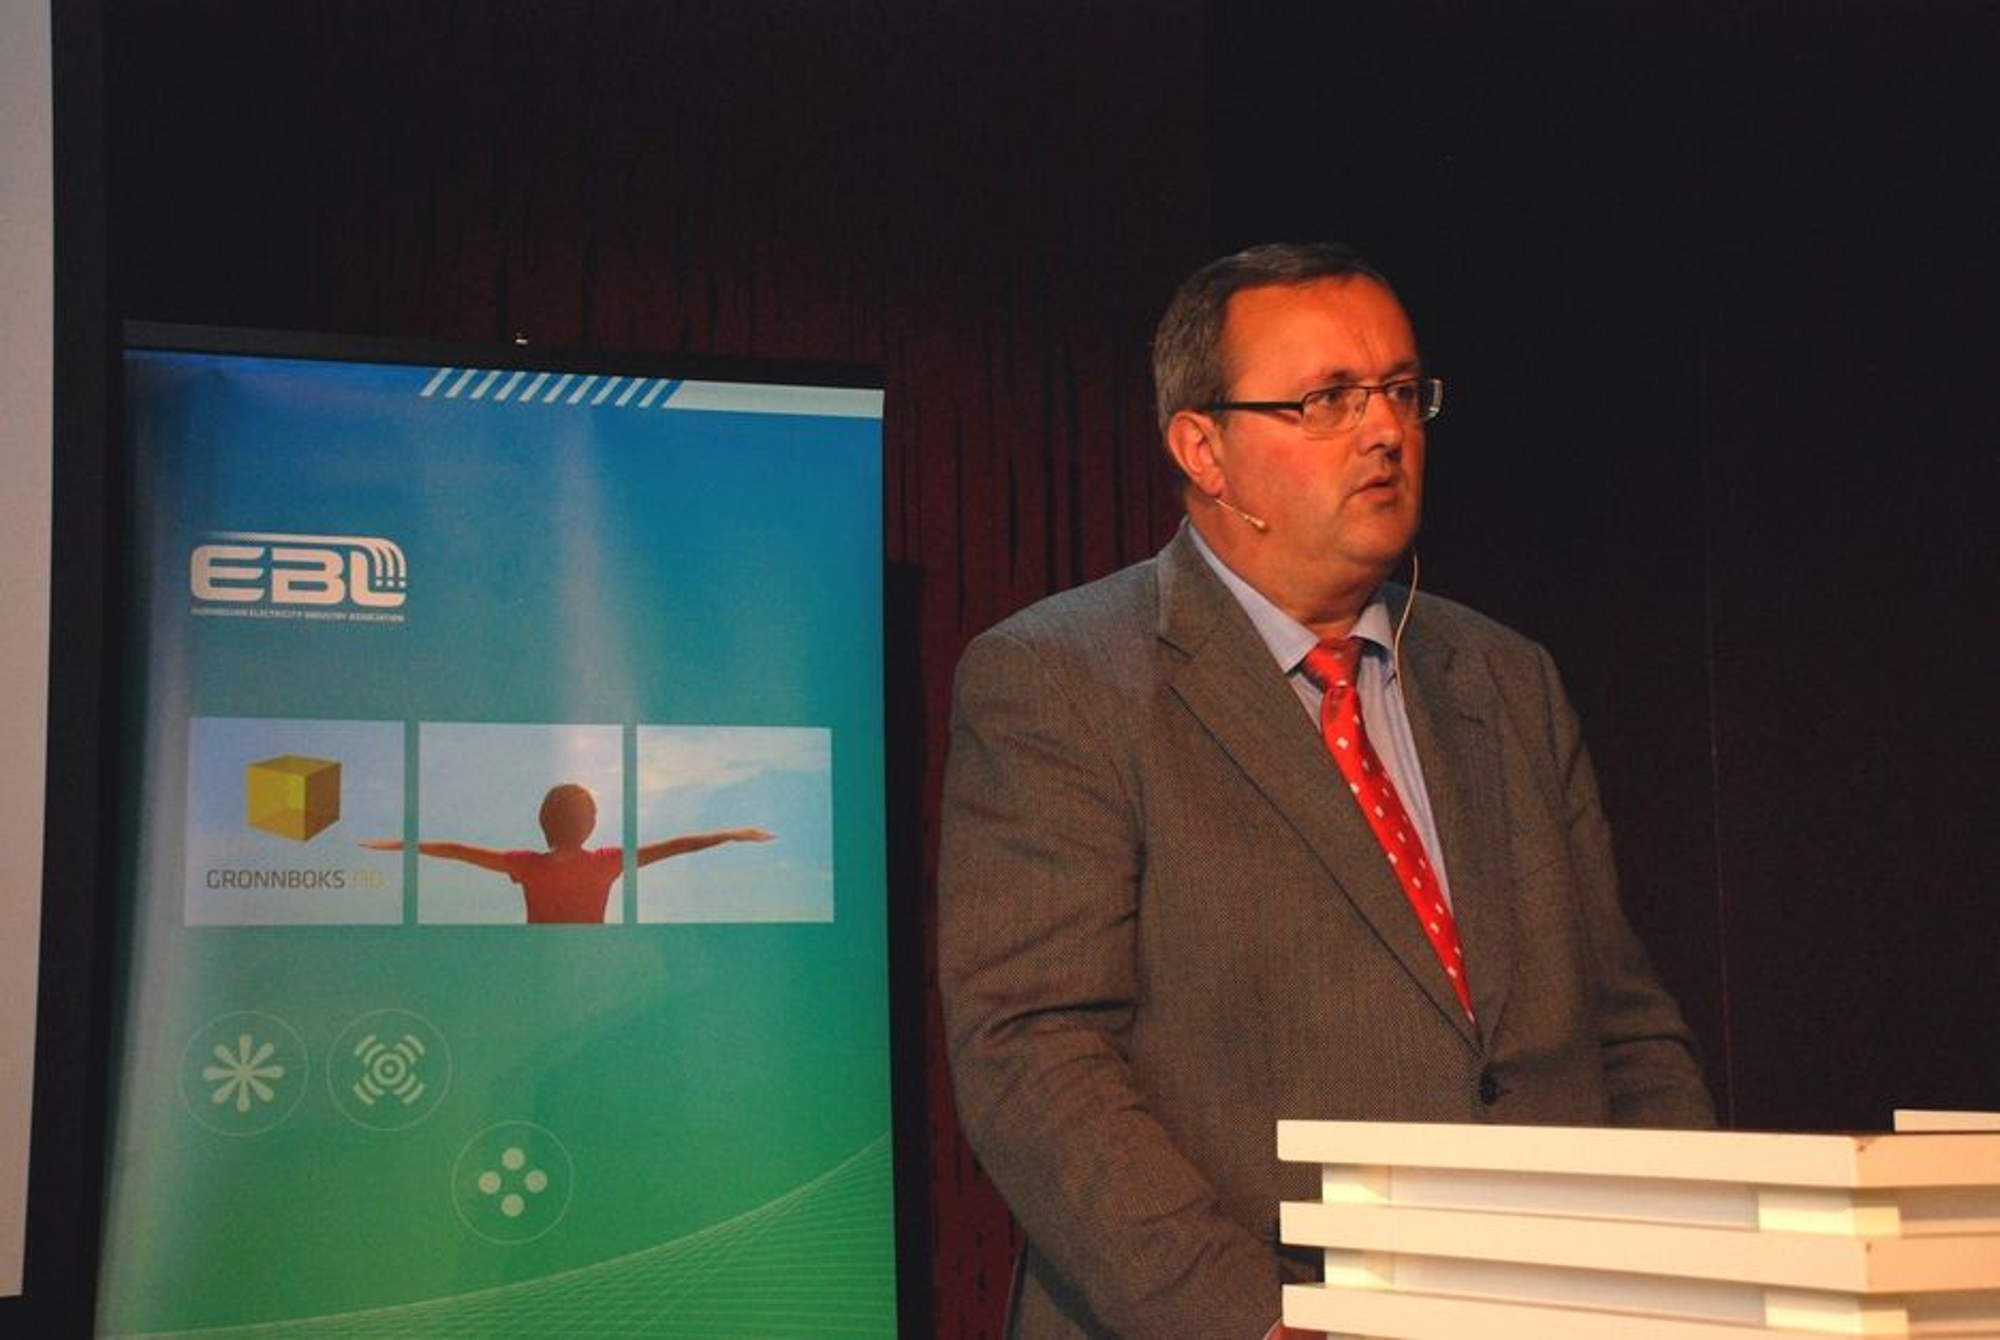 EBL-direktør Steinar Bysveen. Bildet er tatt i forbindelse med EBL-rapporten Den grønne ledertrøya 4. mai 2009.